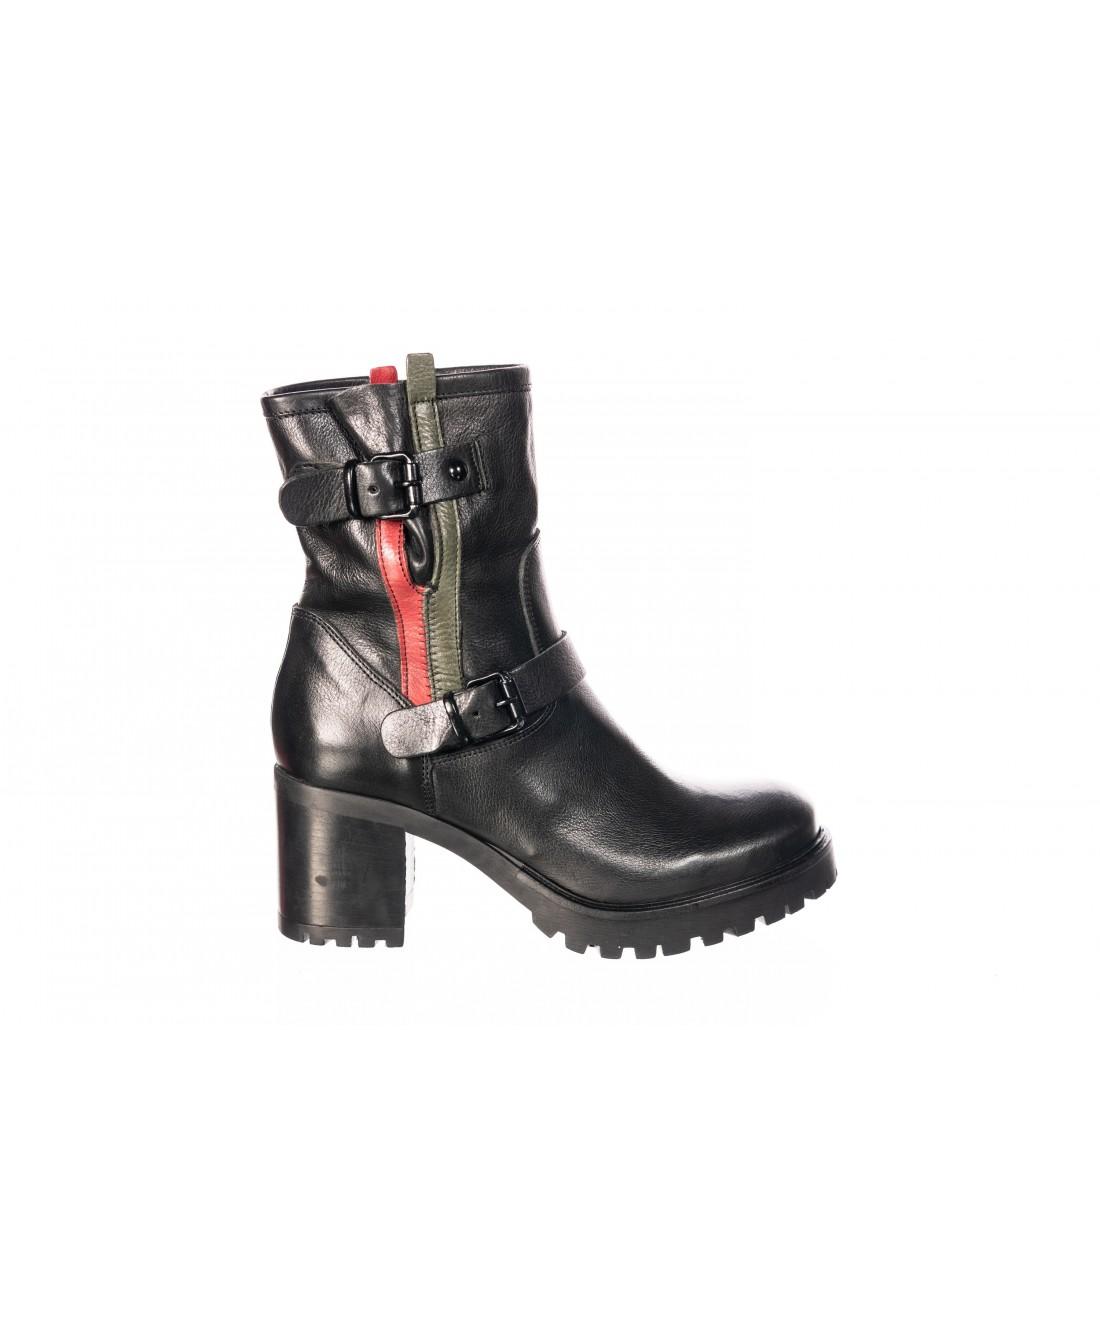 bottines noires avec liserait rouge